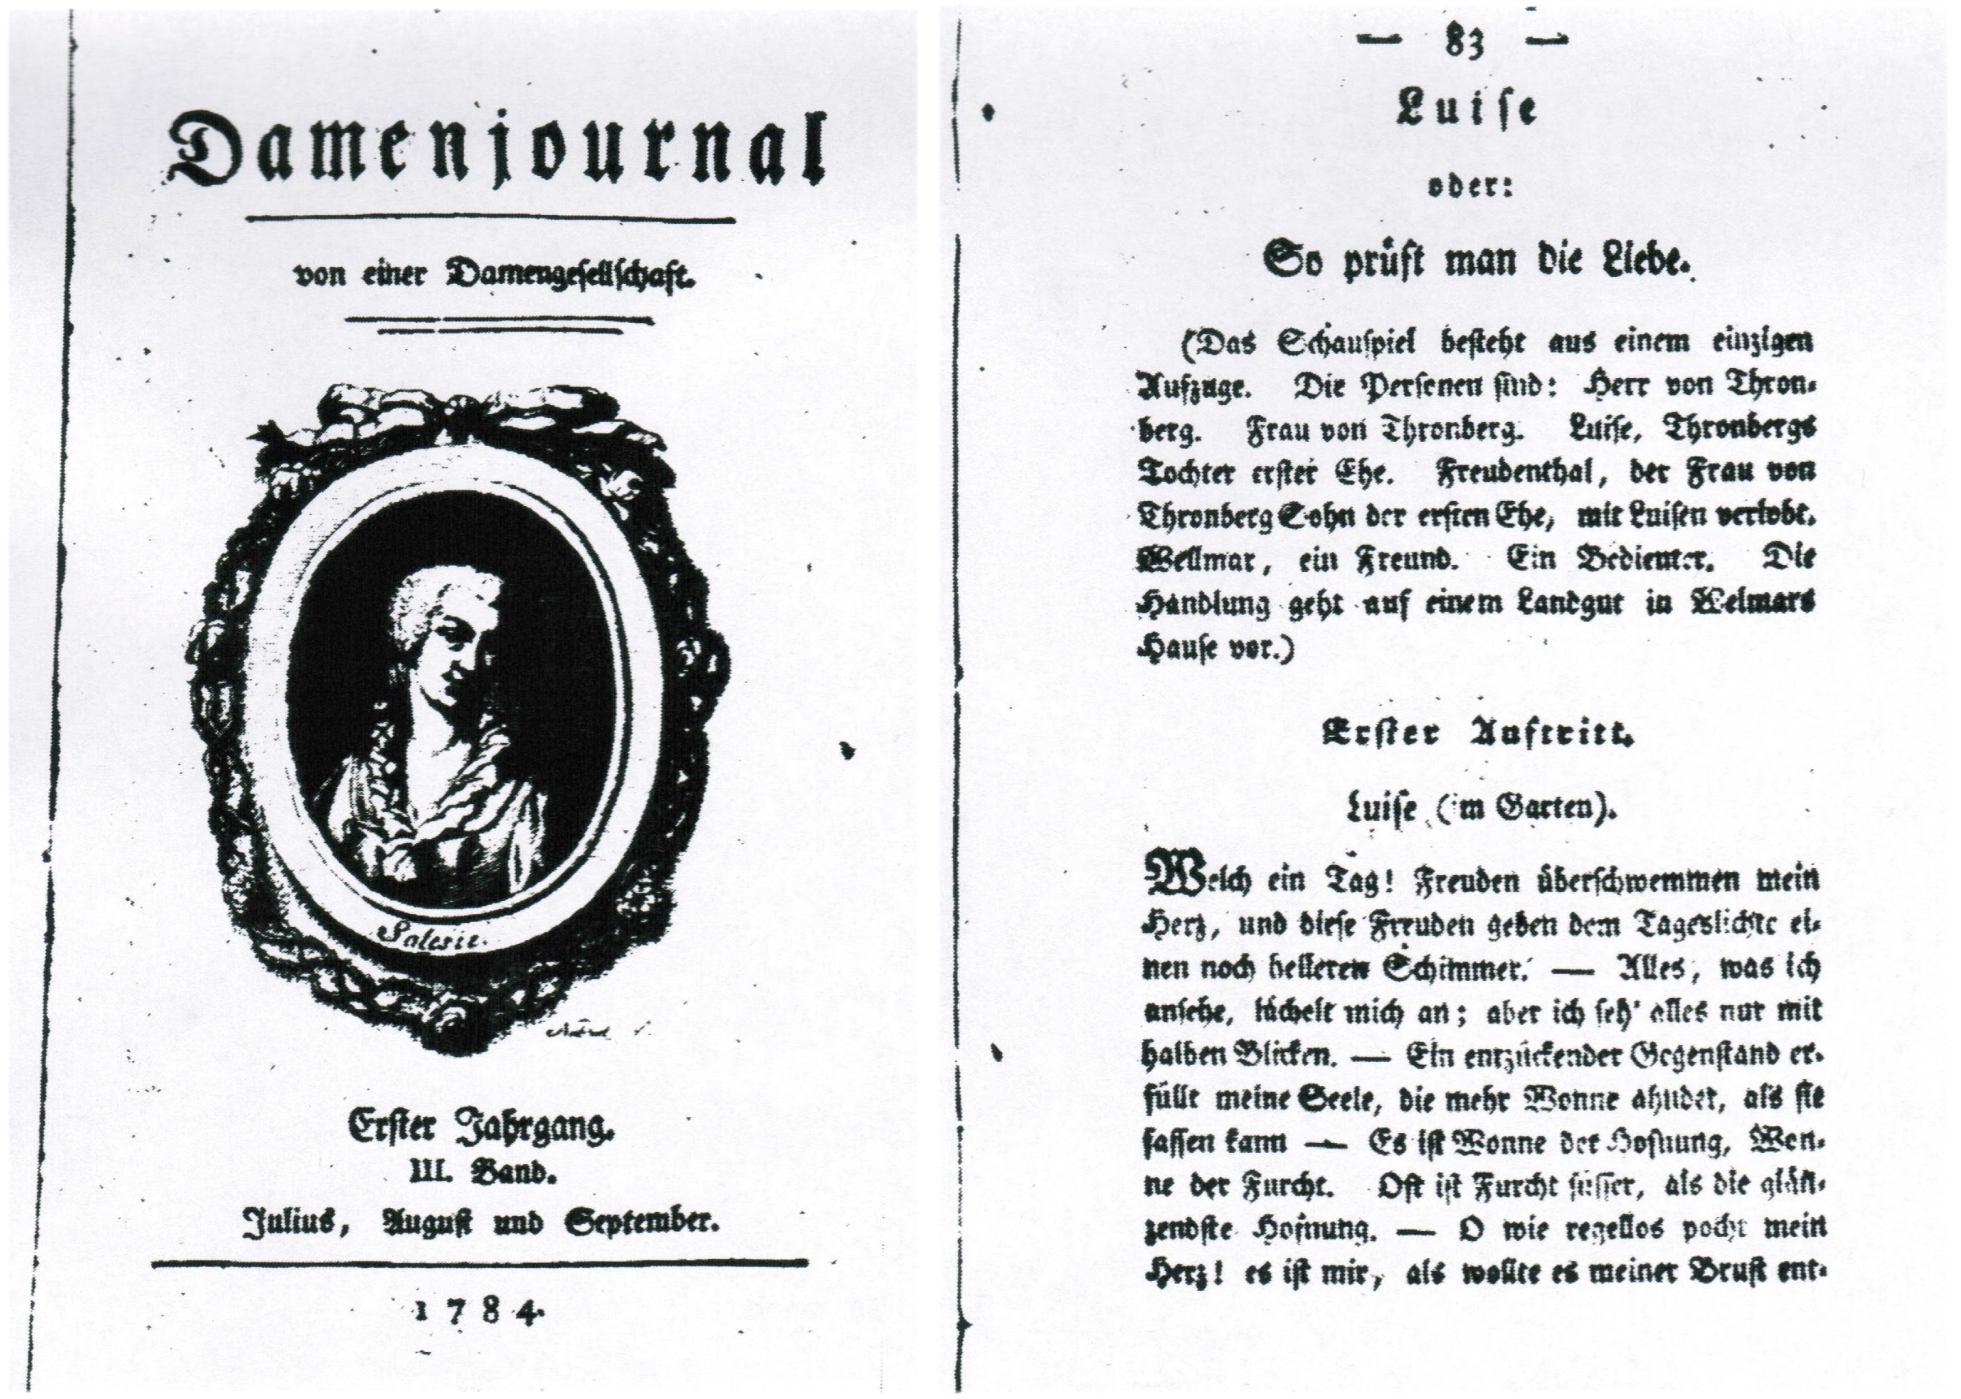 Titulní strana časopisu Damenjournal (v levé části obrázku), kde hra Luisa aneb Jak se zkouší láska vyšla